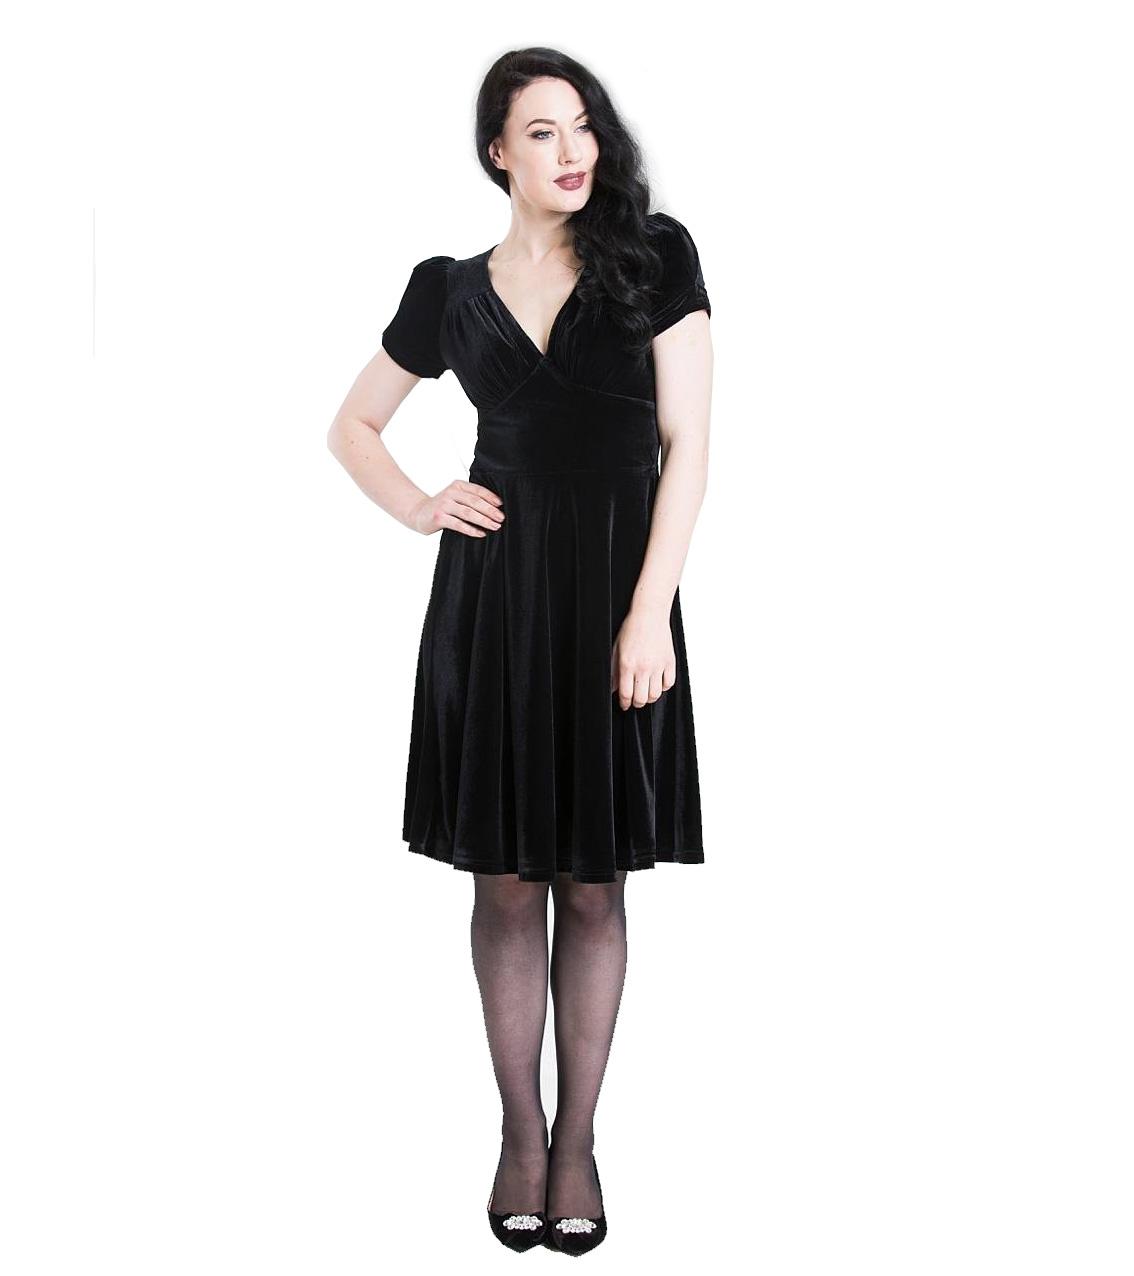 Hell-Bunny-40s-50s-Elegant-Pin-Up-Dress-JOANNE-Crushed-Velvet-Black-All-Sizes thumbnail 39